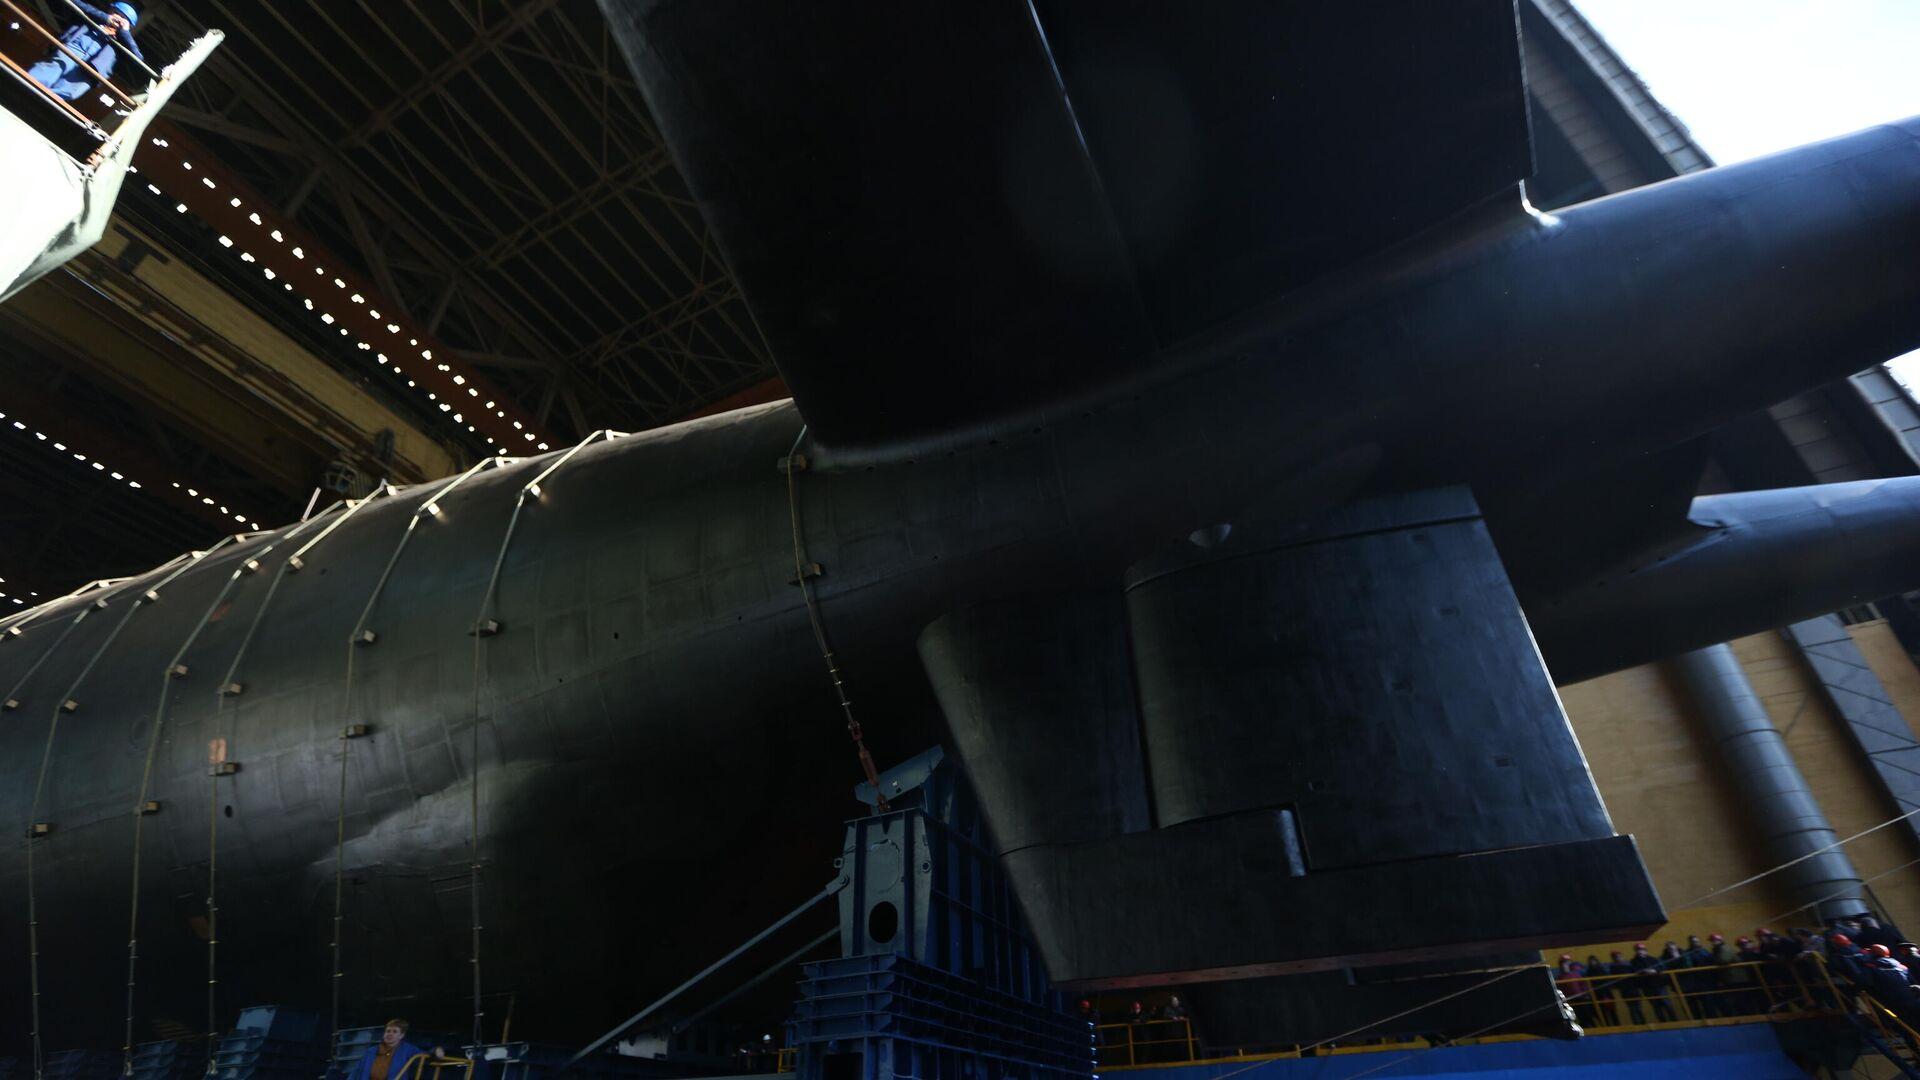 Atomska podmornica Belgorod - Sputnik Srbija, 1920, 26.07.2021